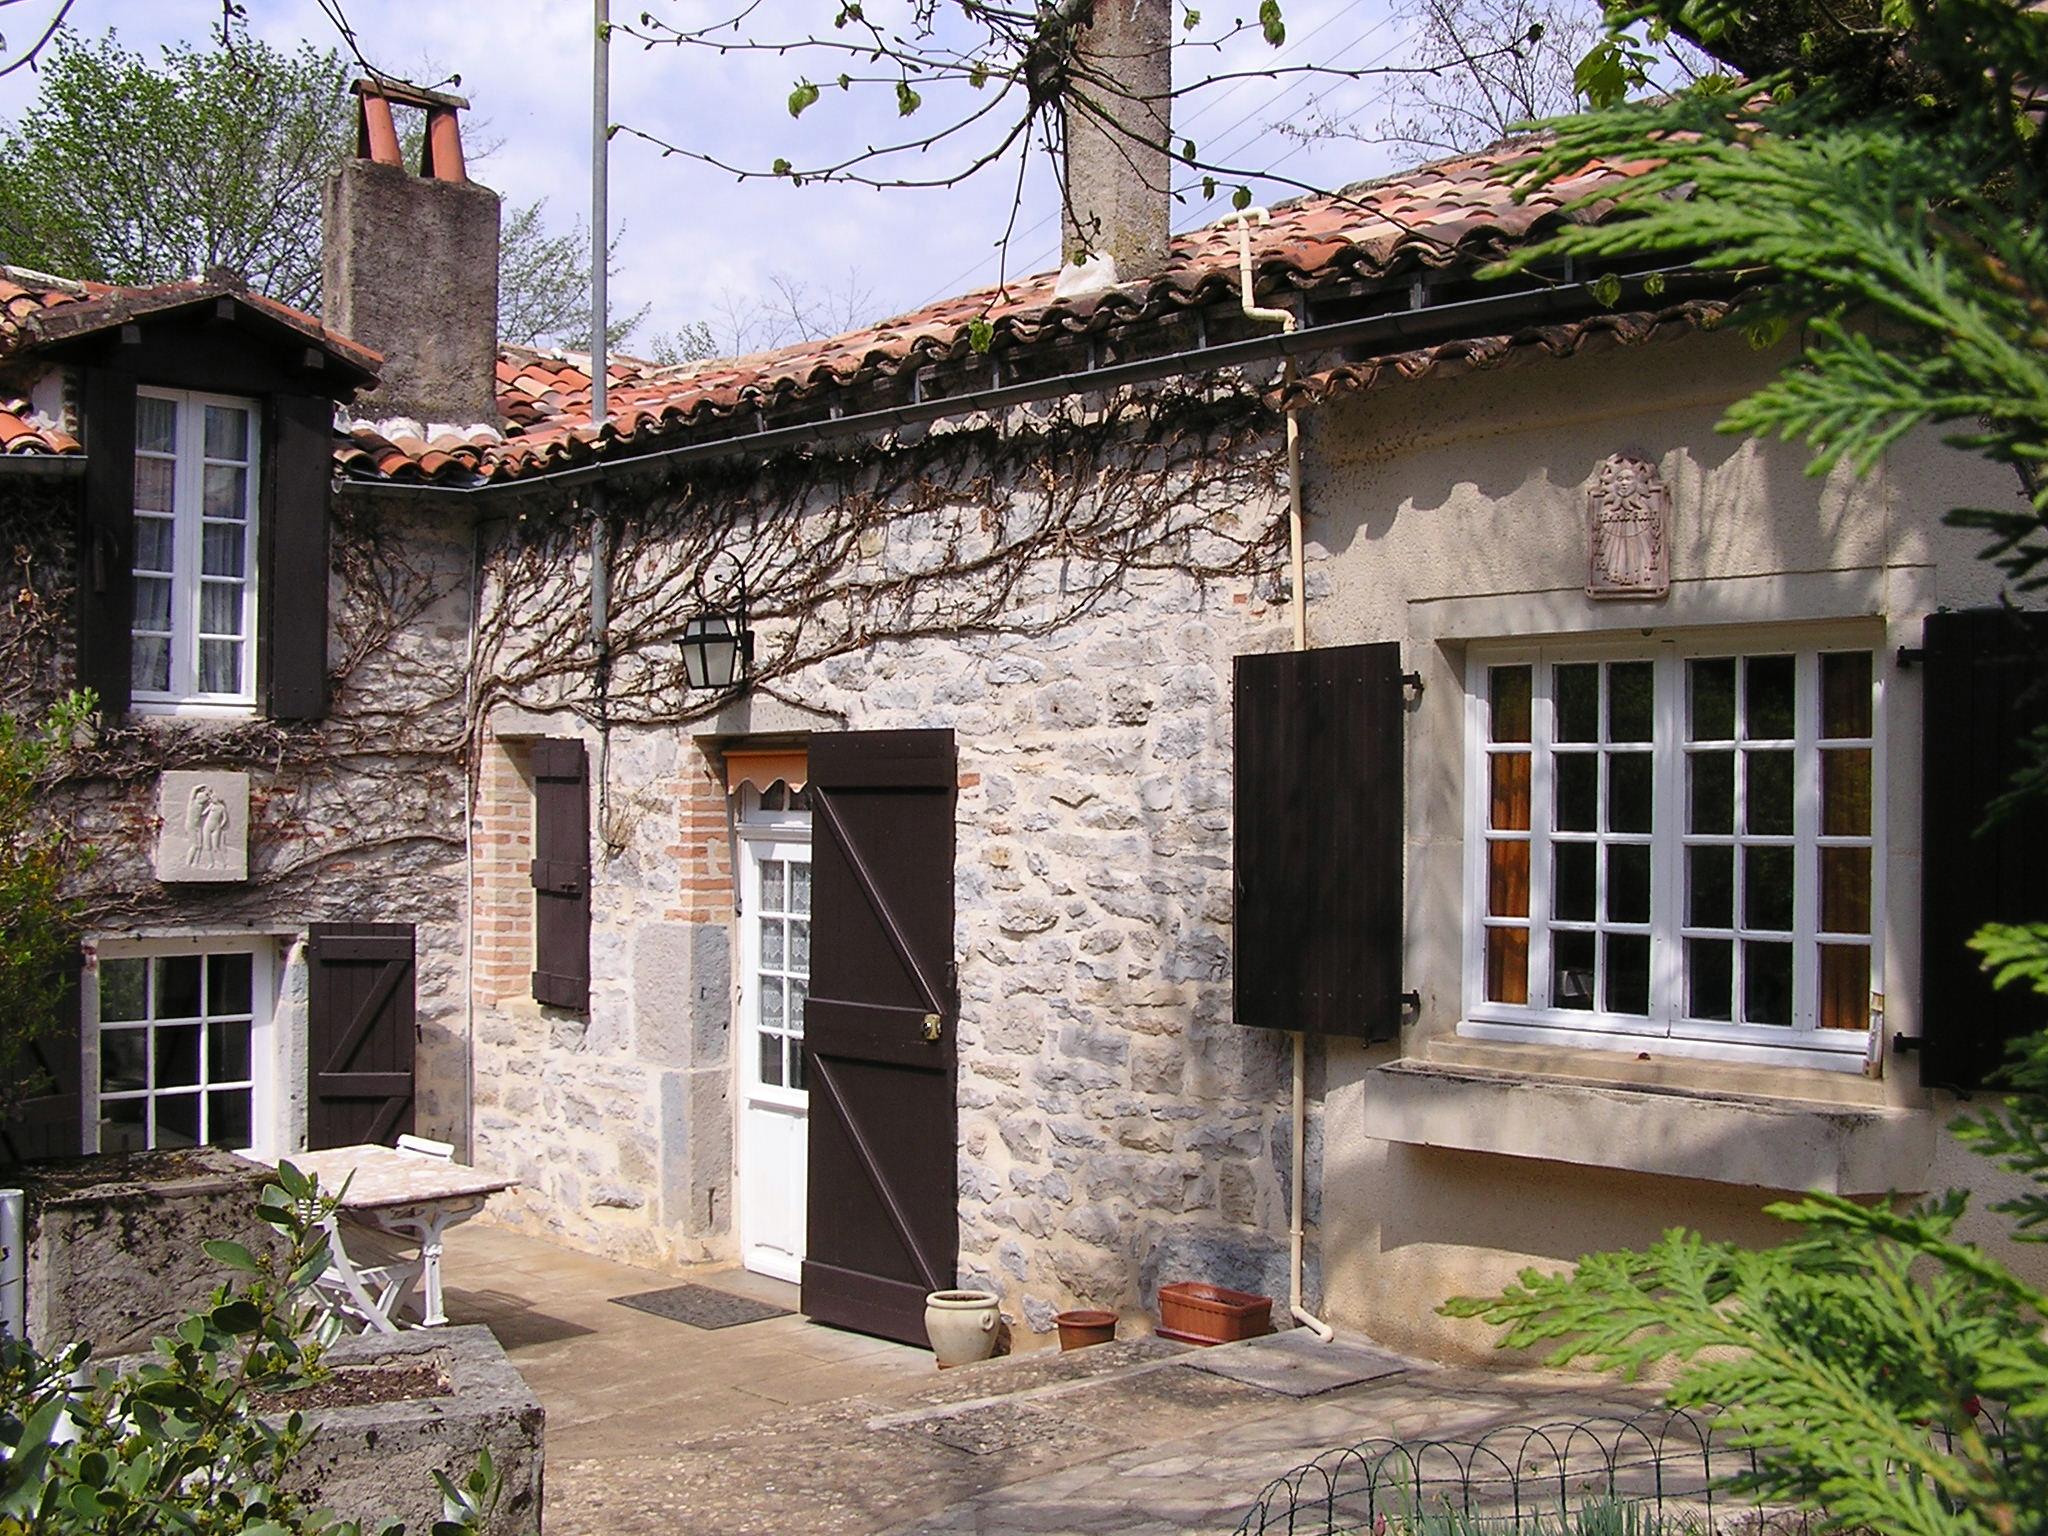 Maison a vendre tarn et garonne for Acheter une maison au portugal